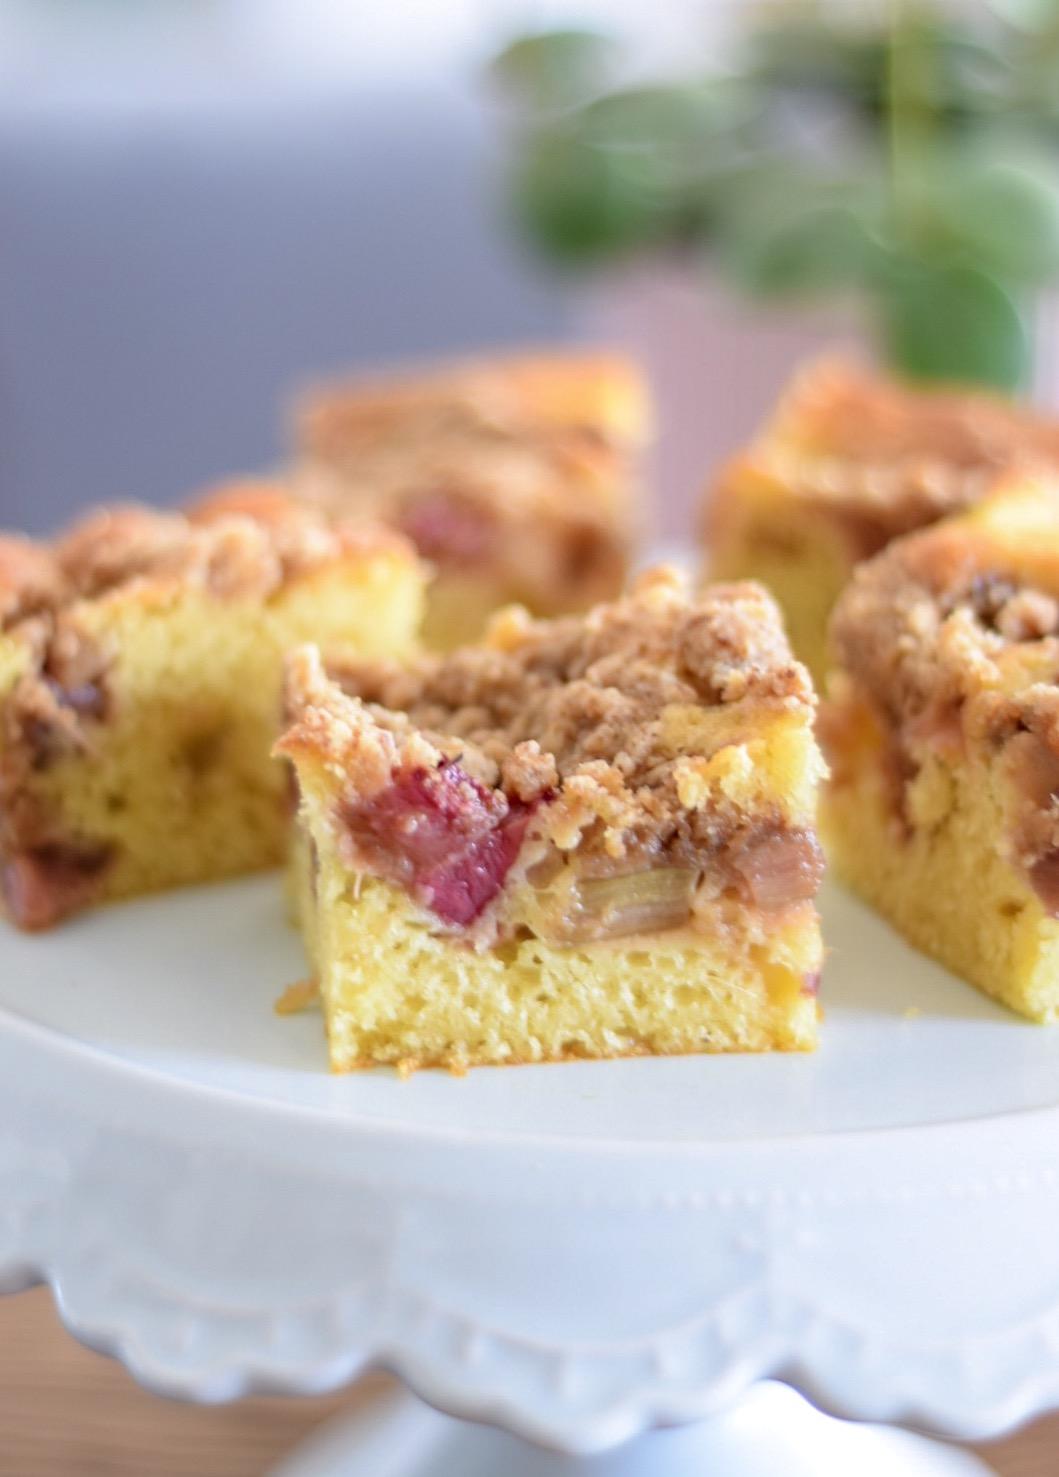 Ciasto Jogurtowe Z Rabarbarem I Kruszonka Healthy Tastes Good By Lila